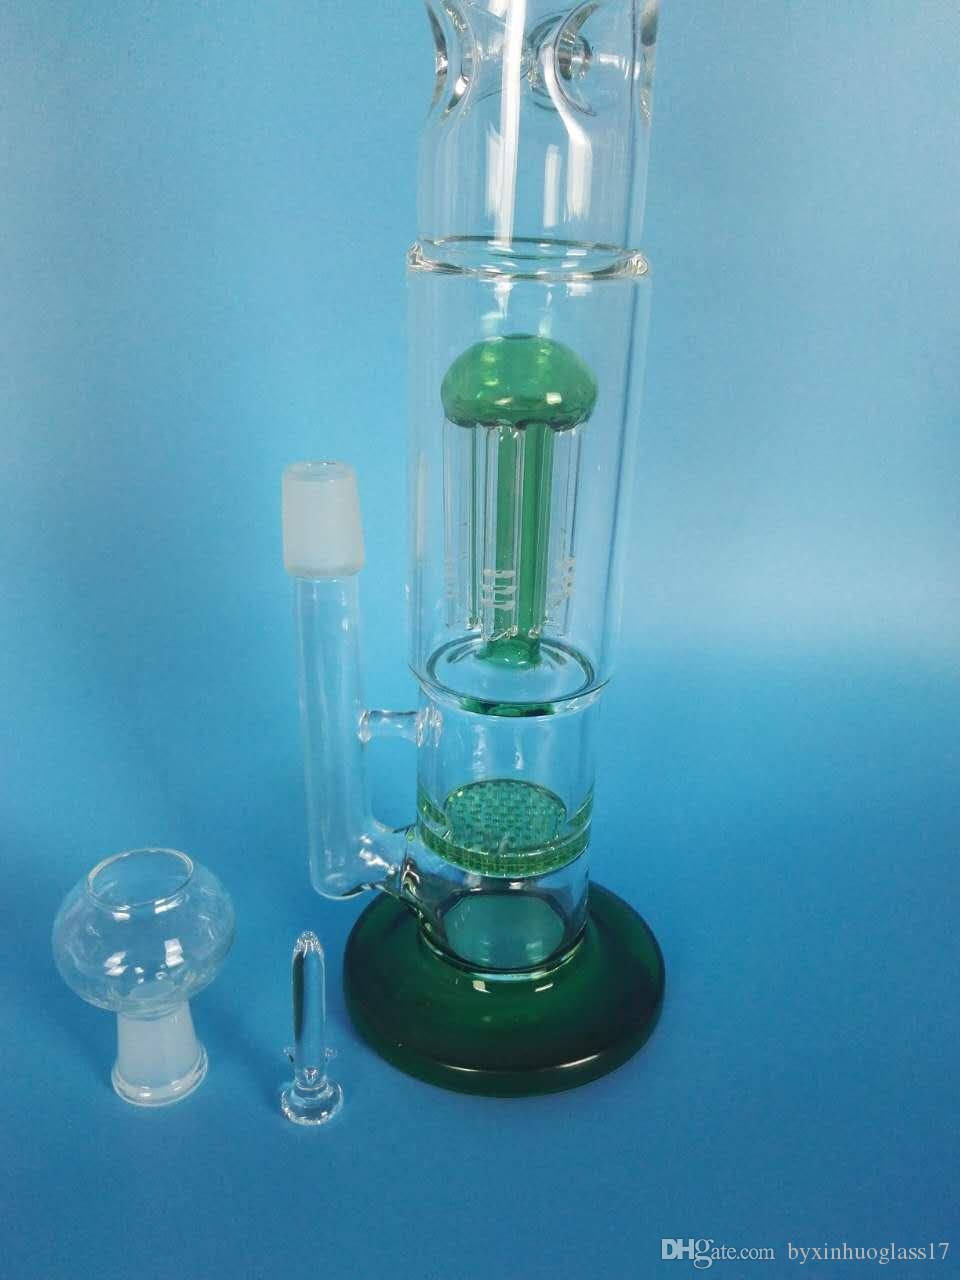 O envio gratuito de vidro garfo de vidro de vidro de filtro de favo de mel da marca de qualidade da tubulação de água, h: 38 cm d: 5cn /4.5 cm. Verde